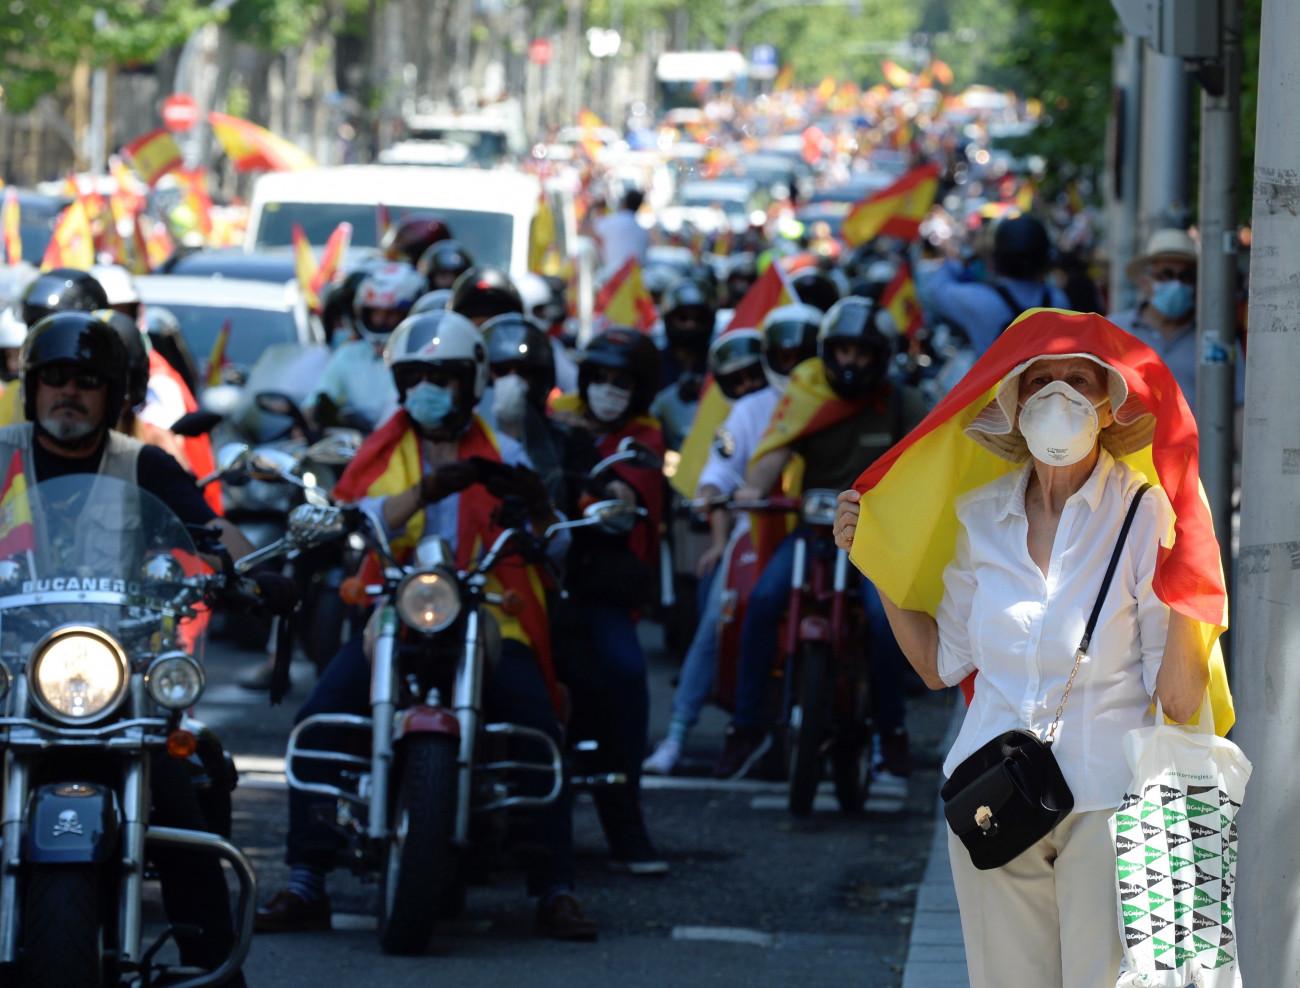 A koronavírus-járvány miatt hozott kormányzati intézkedések elleni autós tüntetés résztvevői Barcelonában 2020. május 23-án. MTI/EPA/EFE/Alejandro Garcia